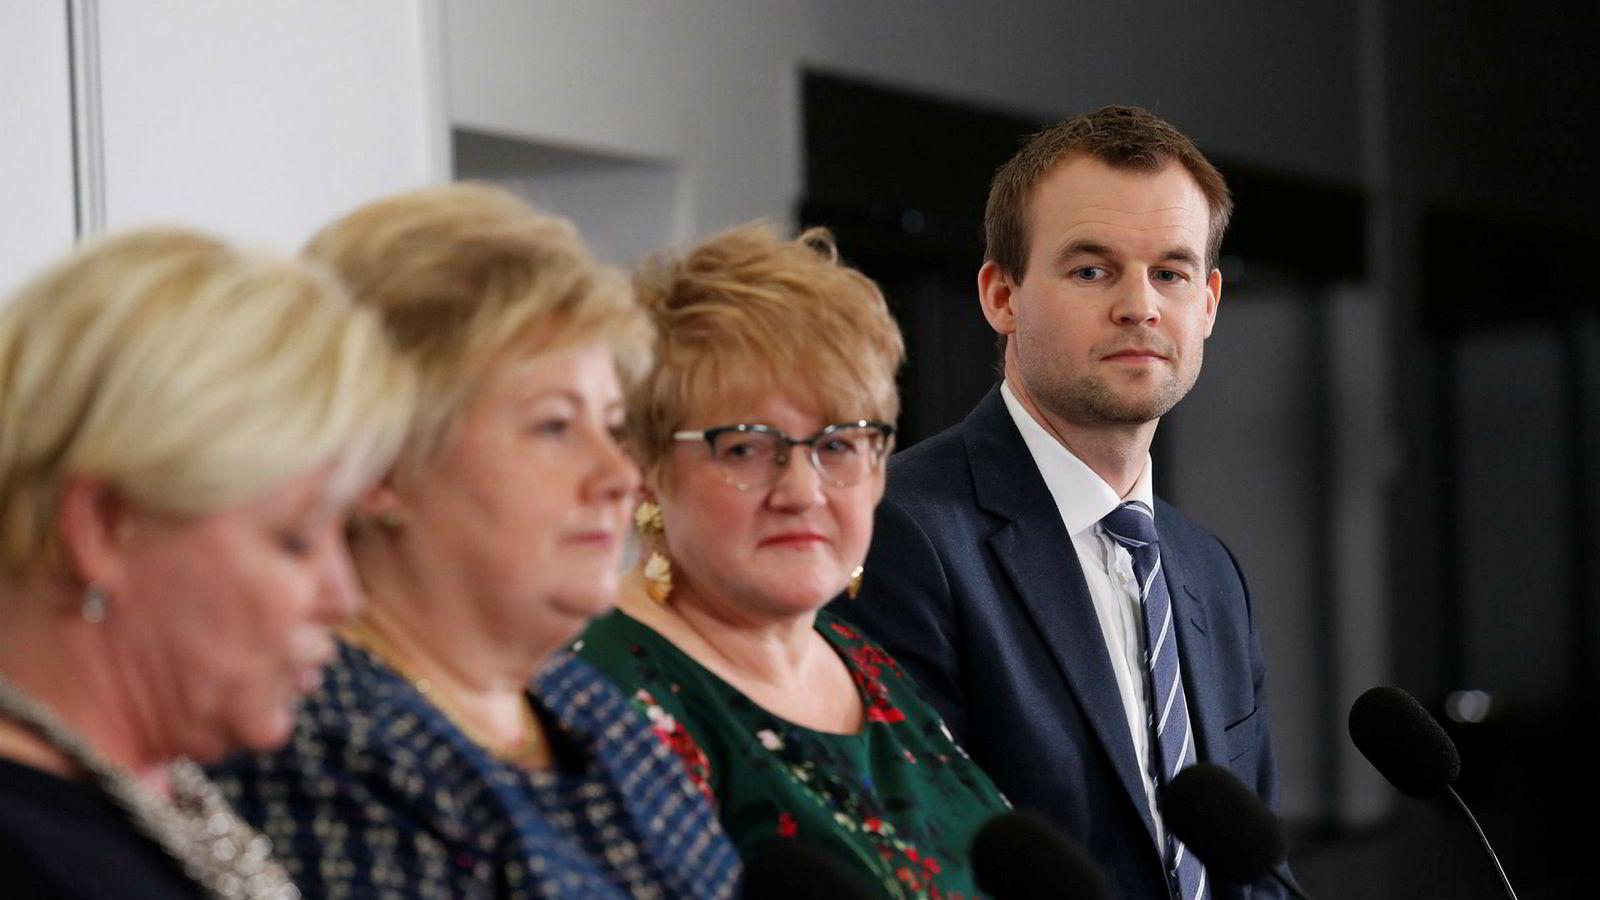 Siv Jensen (Frp), Erna Solberg (H), Trine Skei Grande (V) og Kjell Ingolf Ropstad (KrF) under pressekonferansen på Gardermoen torsdag kveld etter at landsstyremøtene sa ja til den fremforhandlede regjeringsplattformen.